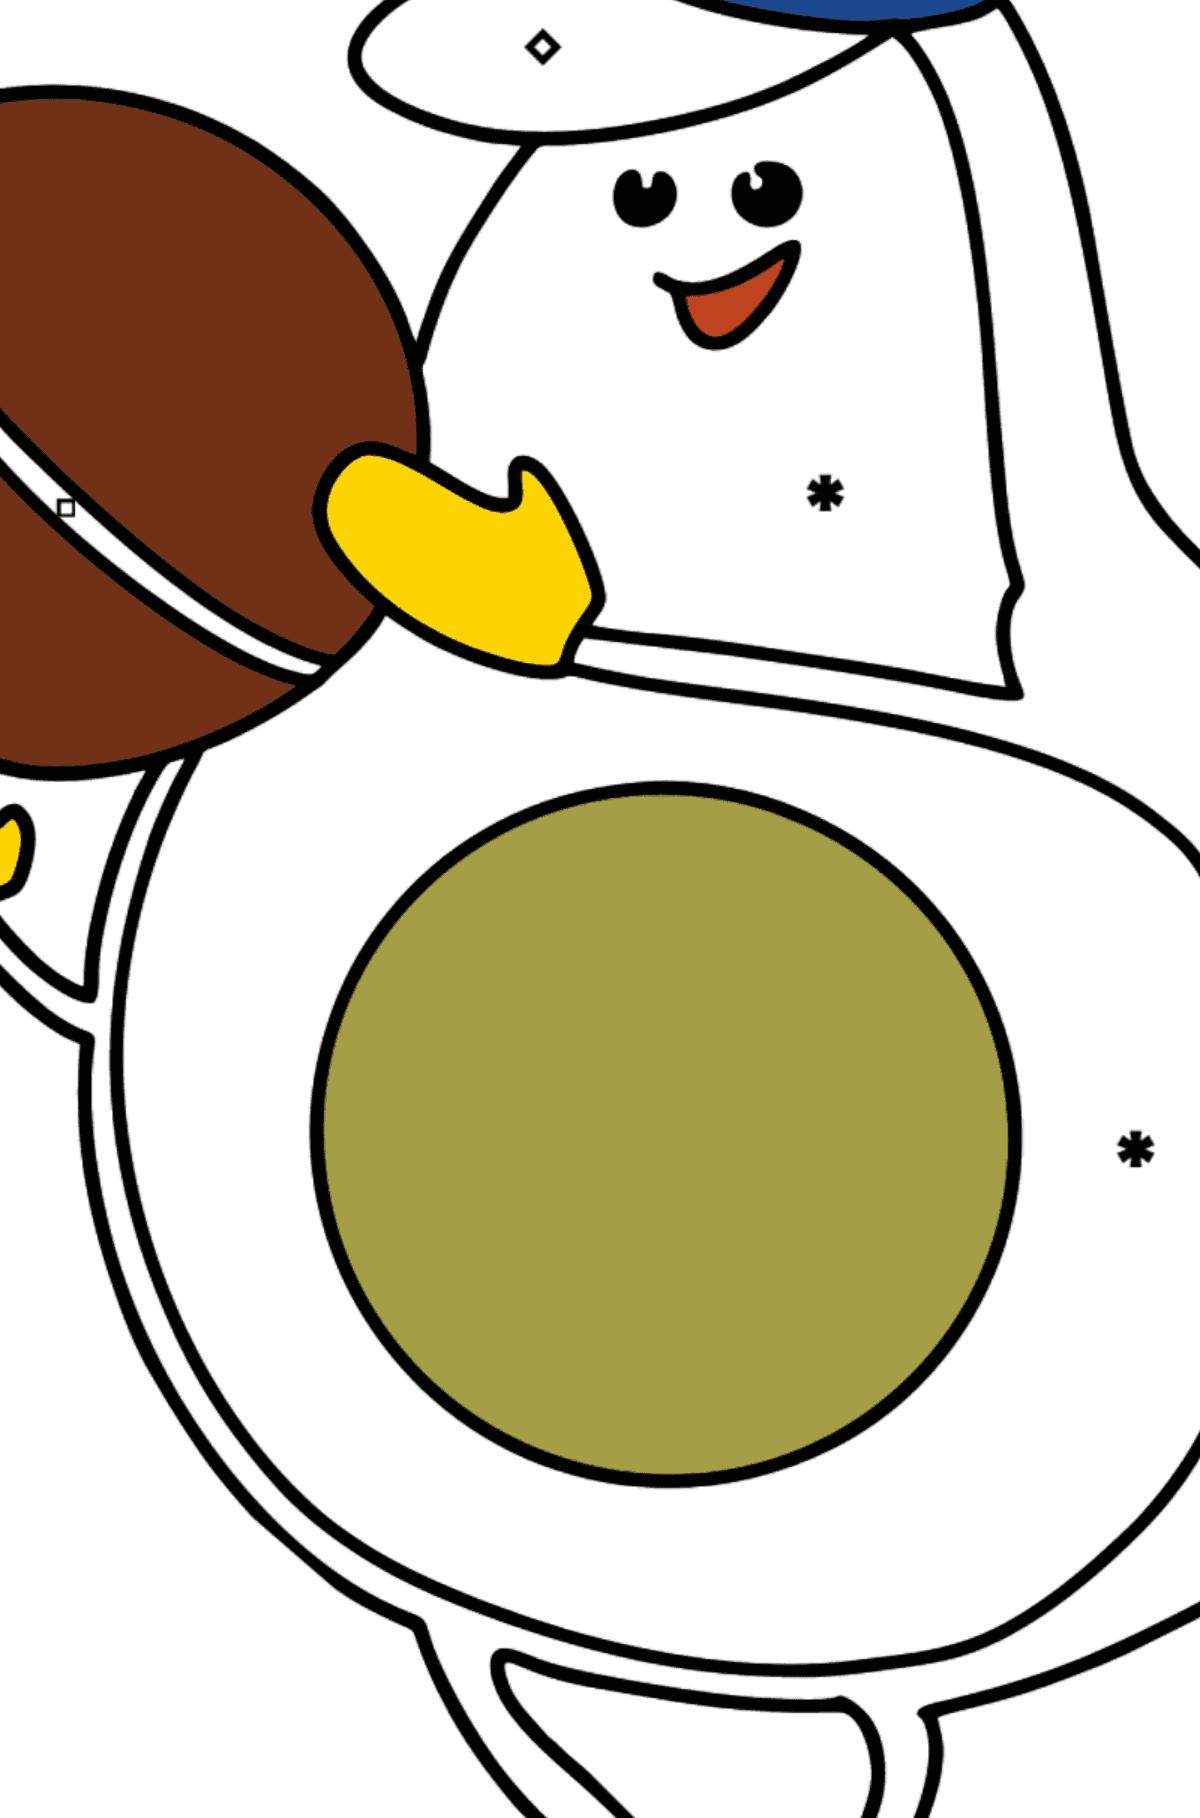 Раскраска Авокадо играет в футбол - Раскраска по Символам для Детей